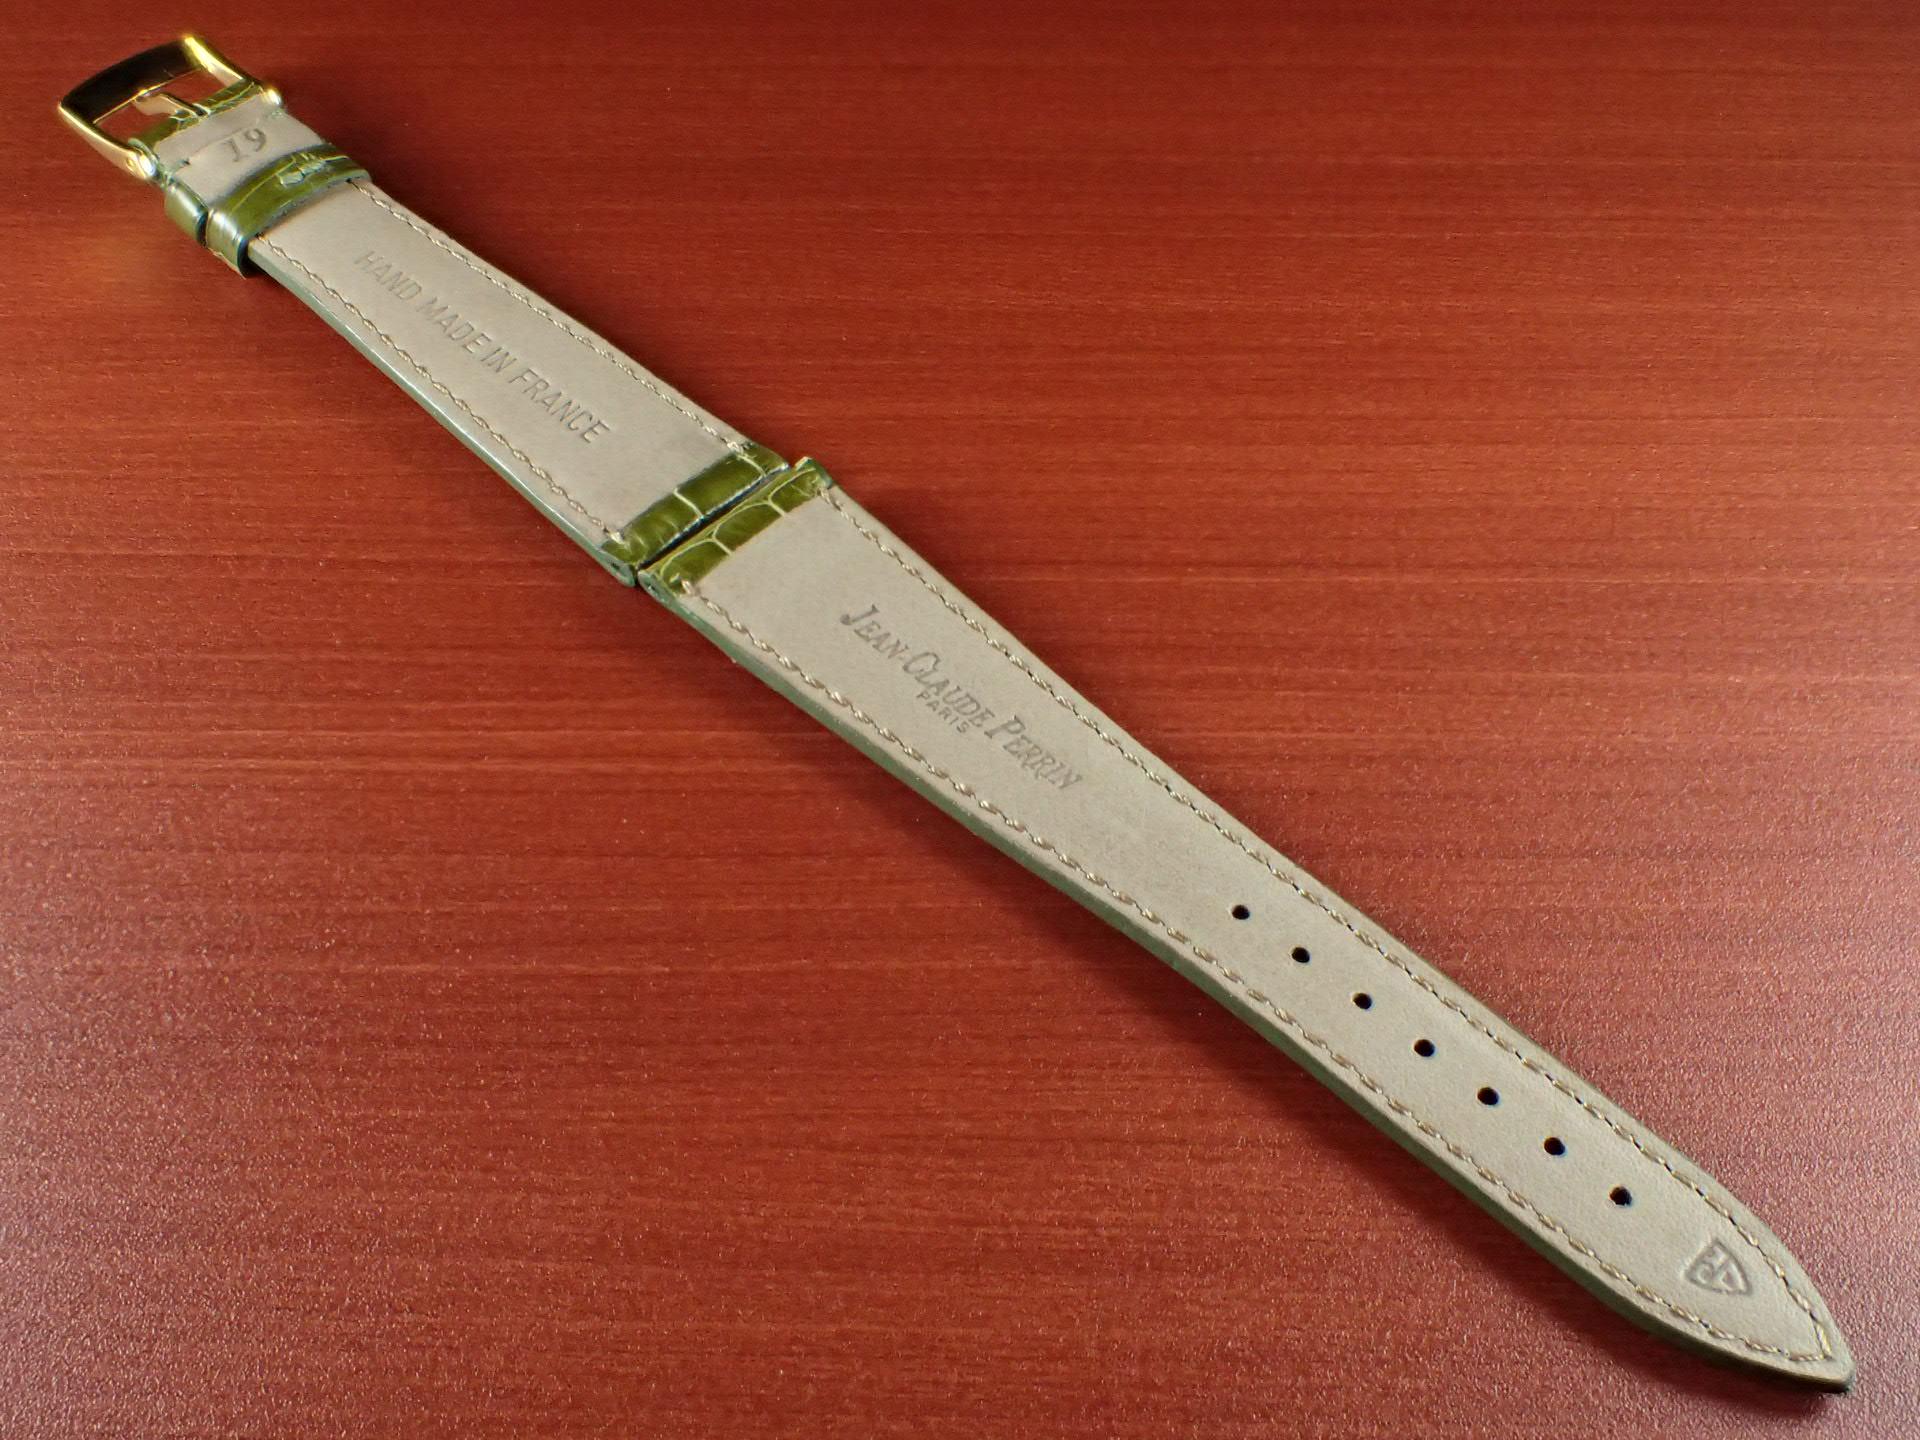 ジャン・クロード ペラン革ベルト(オールドペラン)クロコダイル ライトグリーン 19mmの写真2枚目